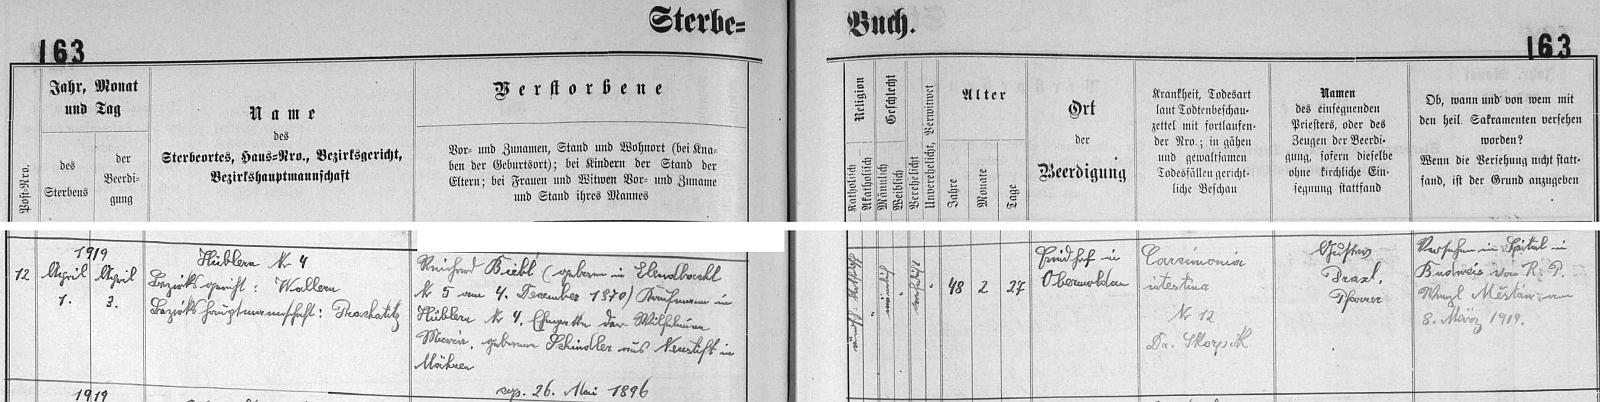 Záznam o úmrtí otcově ve věku 48 let 1. dubna 1919 v Houžné a pohřbu dva dny nato v Horní Vltavici